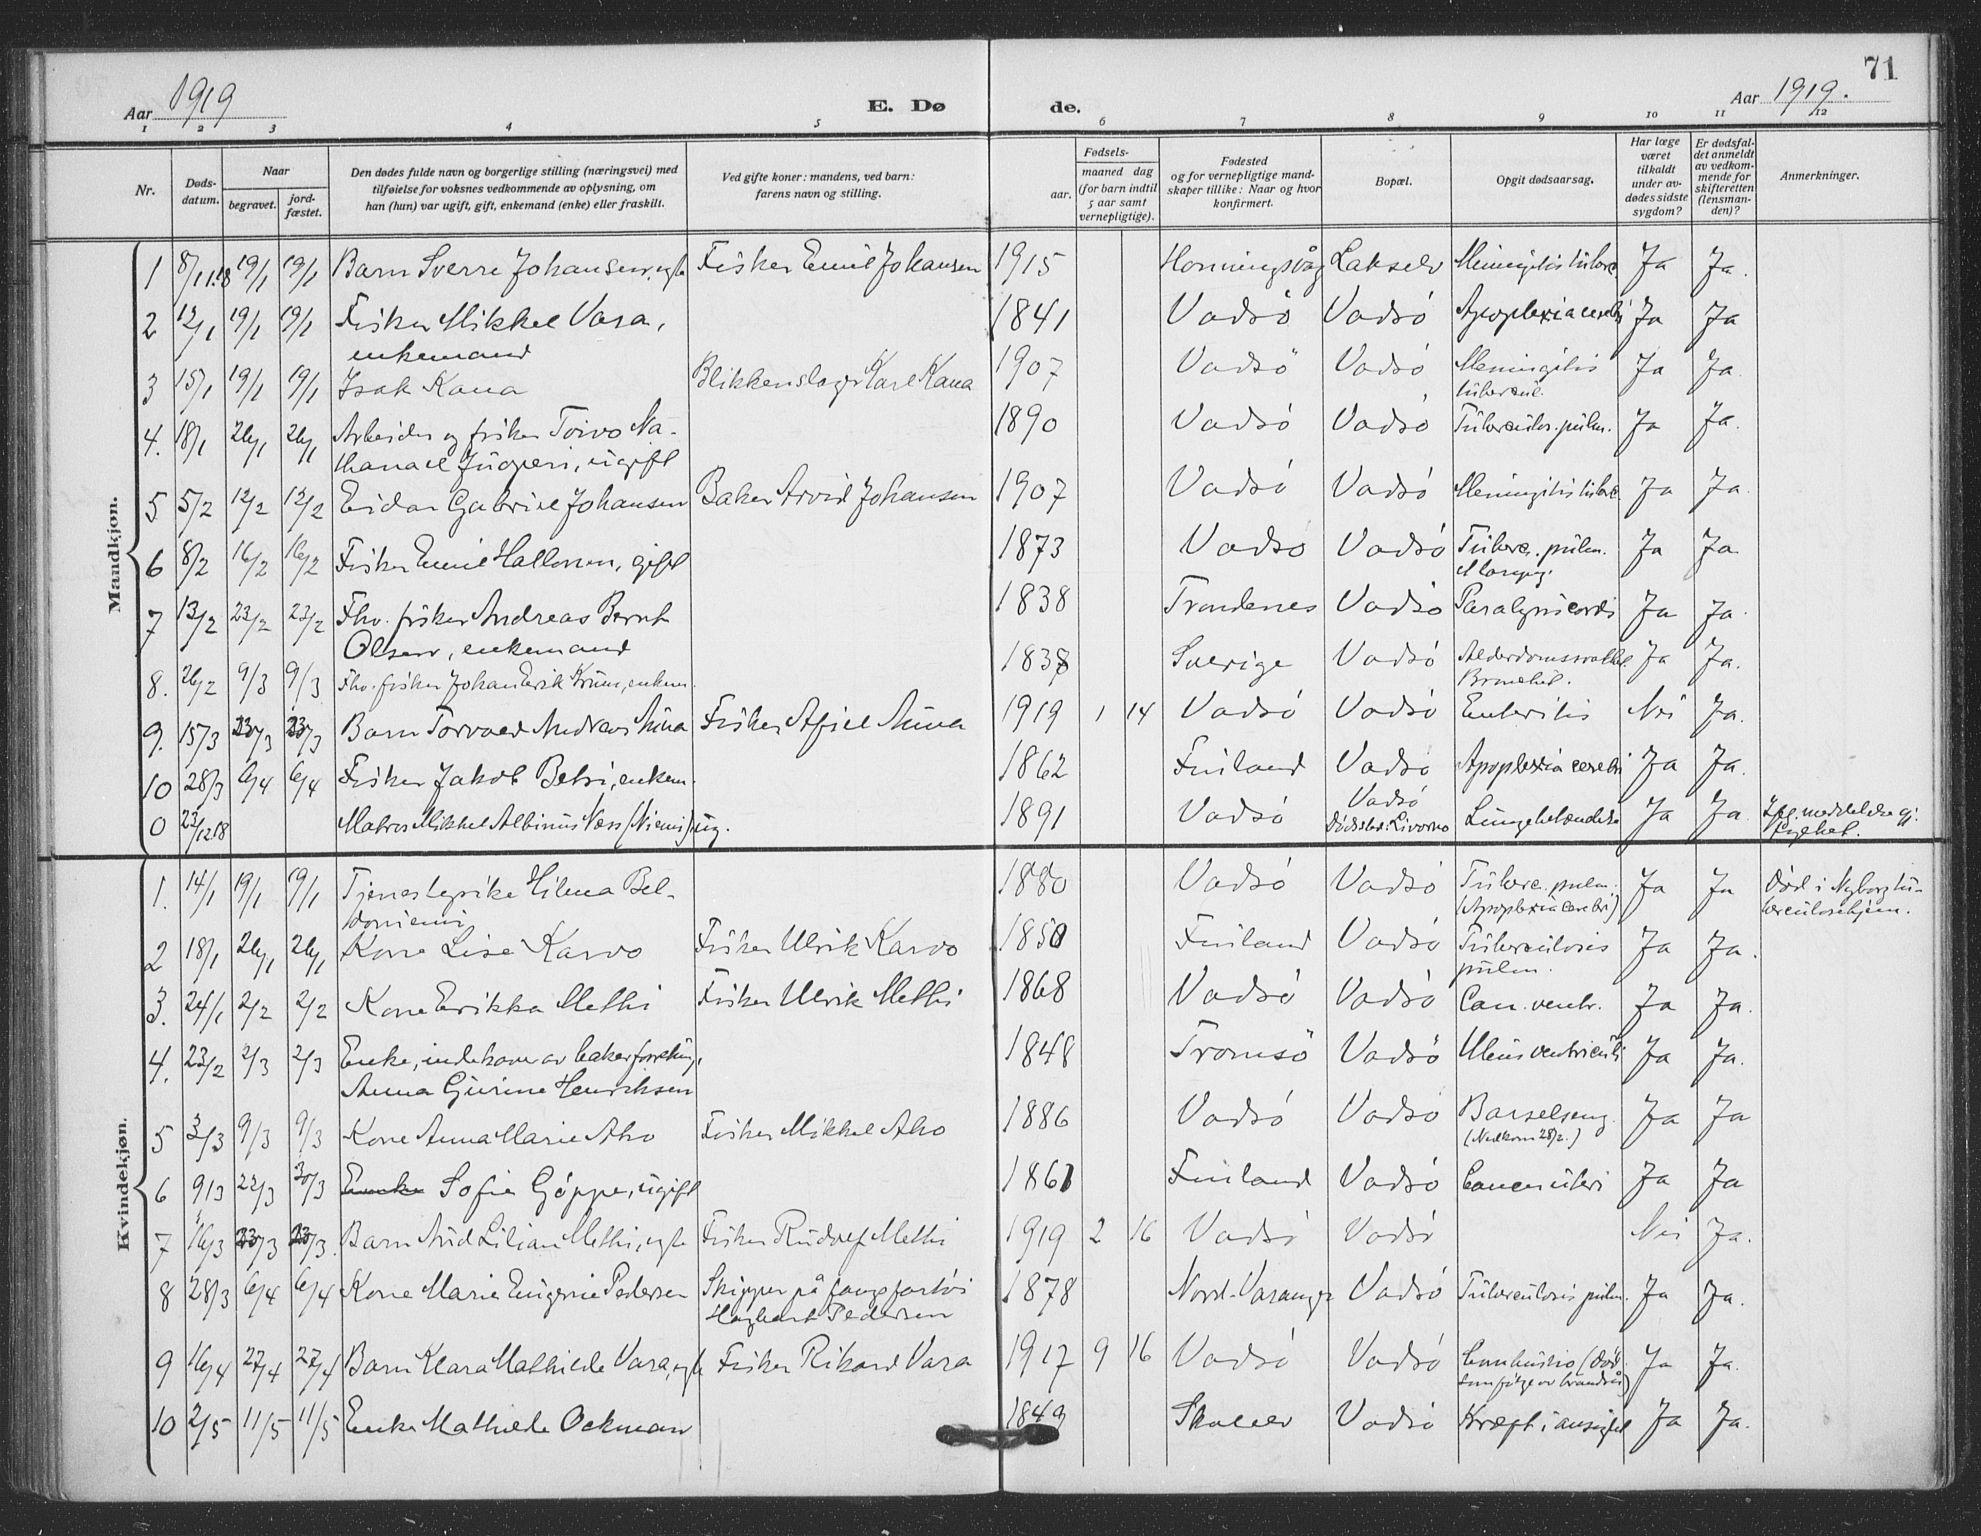 SATØ, Vadsø sokneprestkontor, H/Ha/L0008kirke: Ministerialbok nr. 8, 1912-1930, s. 71